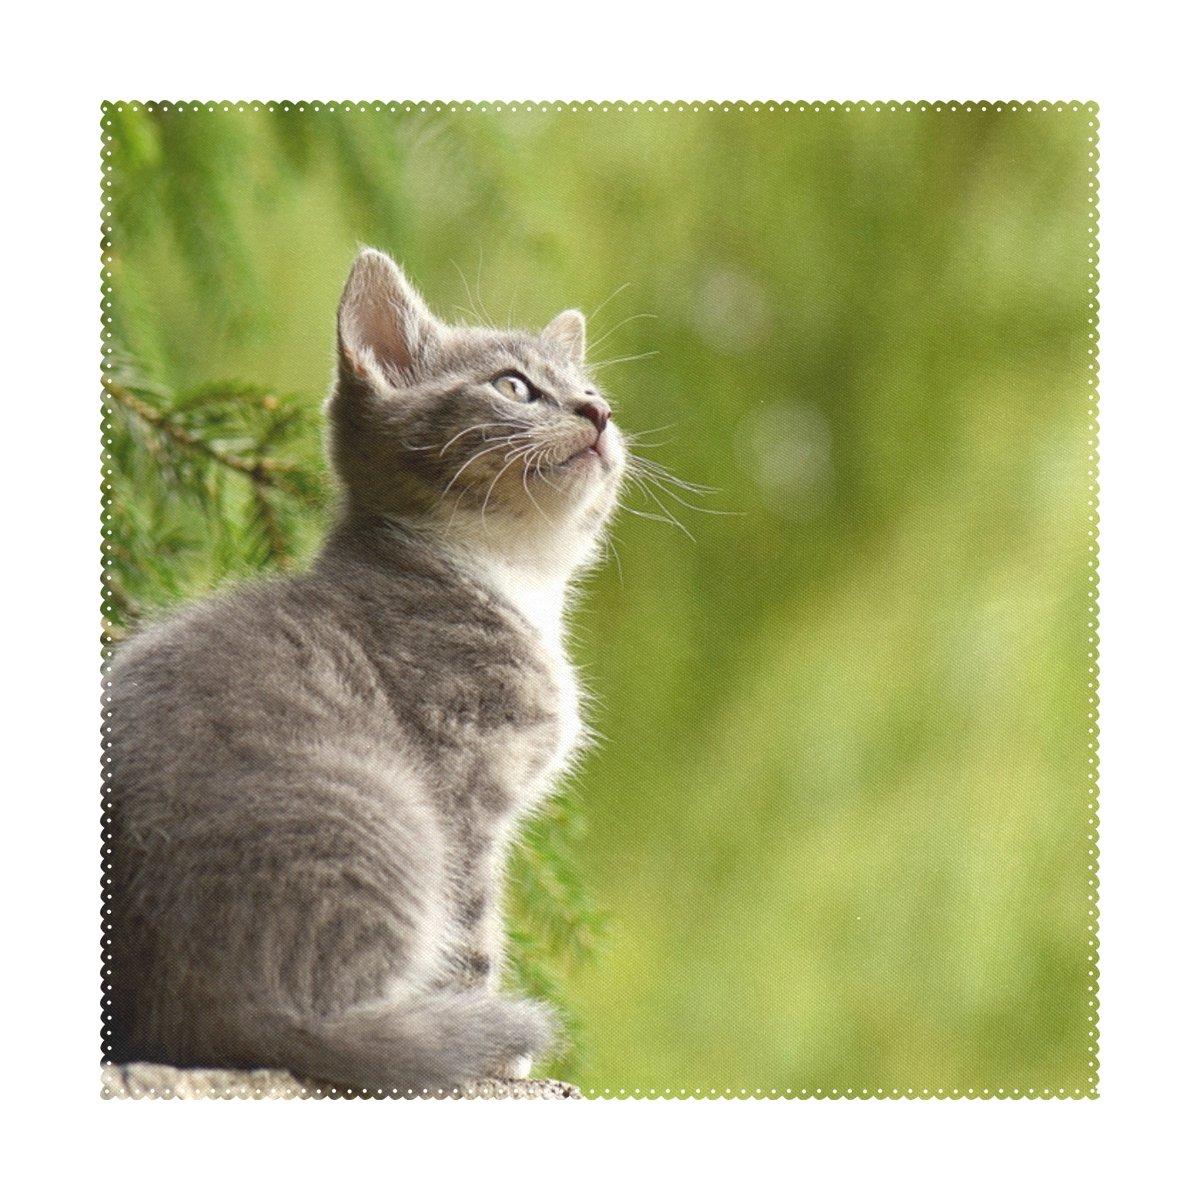 Orezi Cat Sit On stonepolyesterプレースマット、12 x 18インチエレガントなパターンのセット4表プレースマットforホームディナーオフィスアウトドア旅行Decorative Washableテーブルマット   B079WS6Q3K